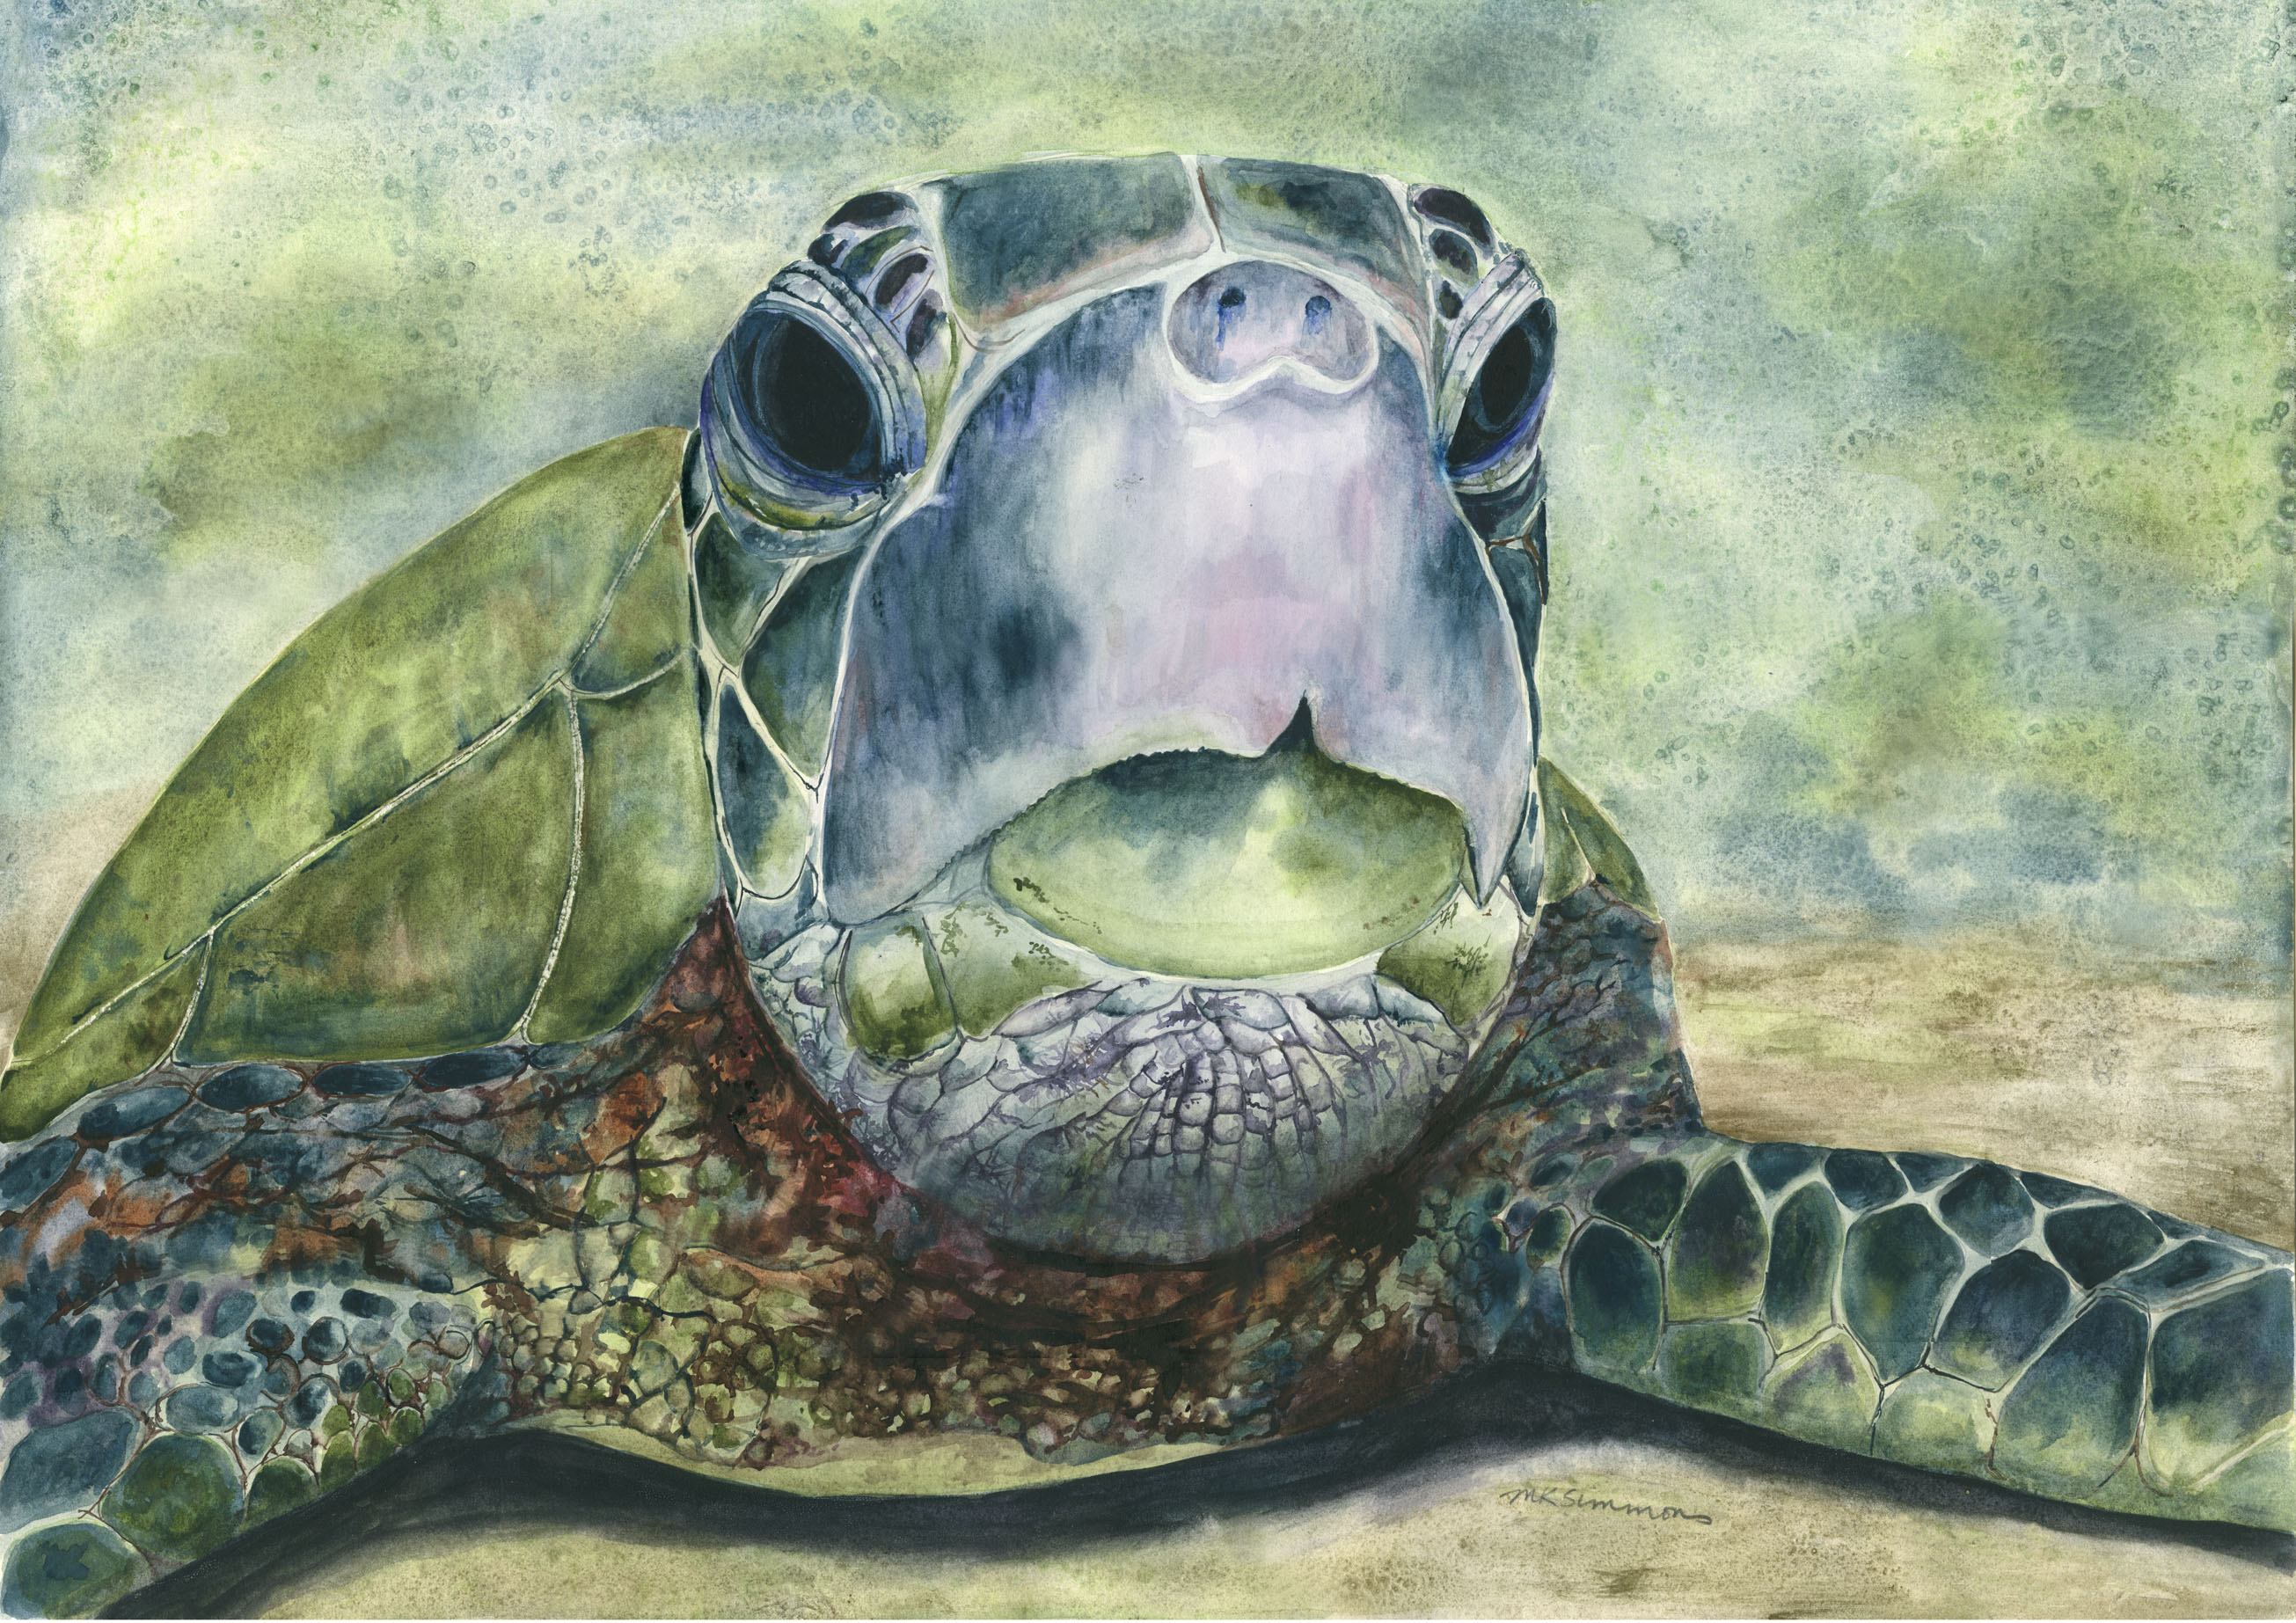 Kauila, Hawaiian Turtle Goddess